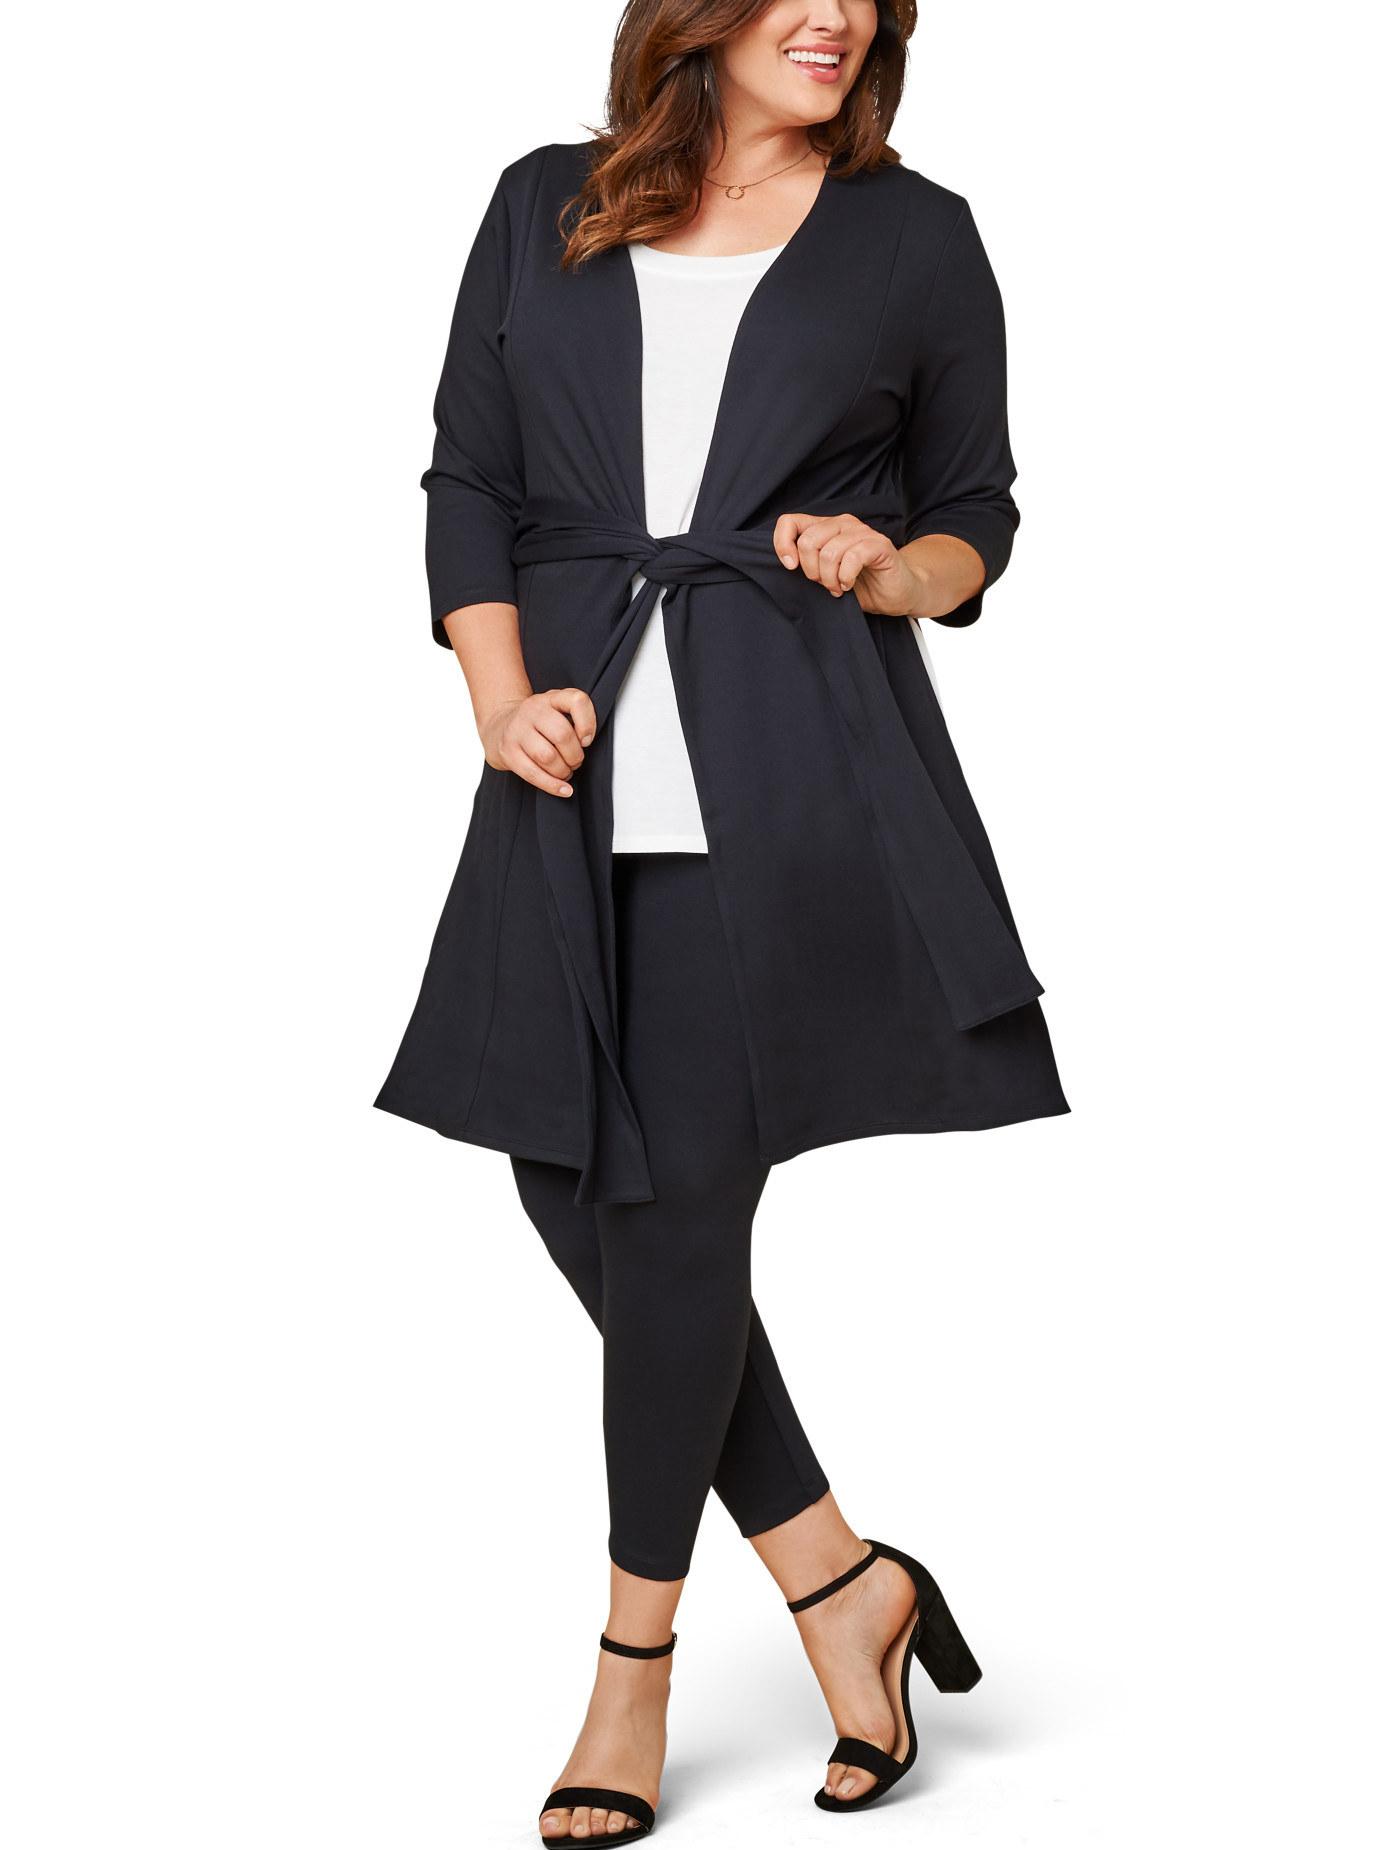 Model wears open front cardigan in brilliant black